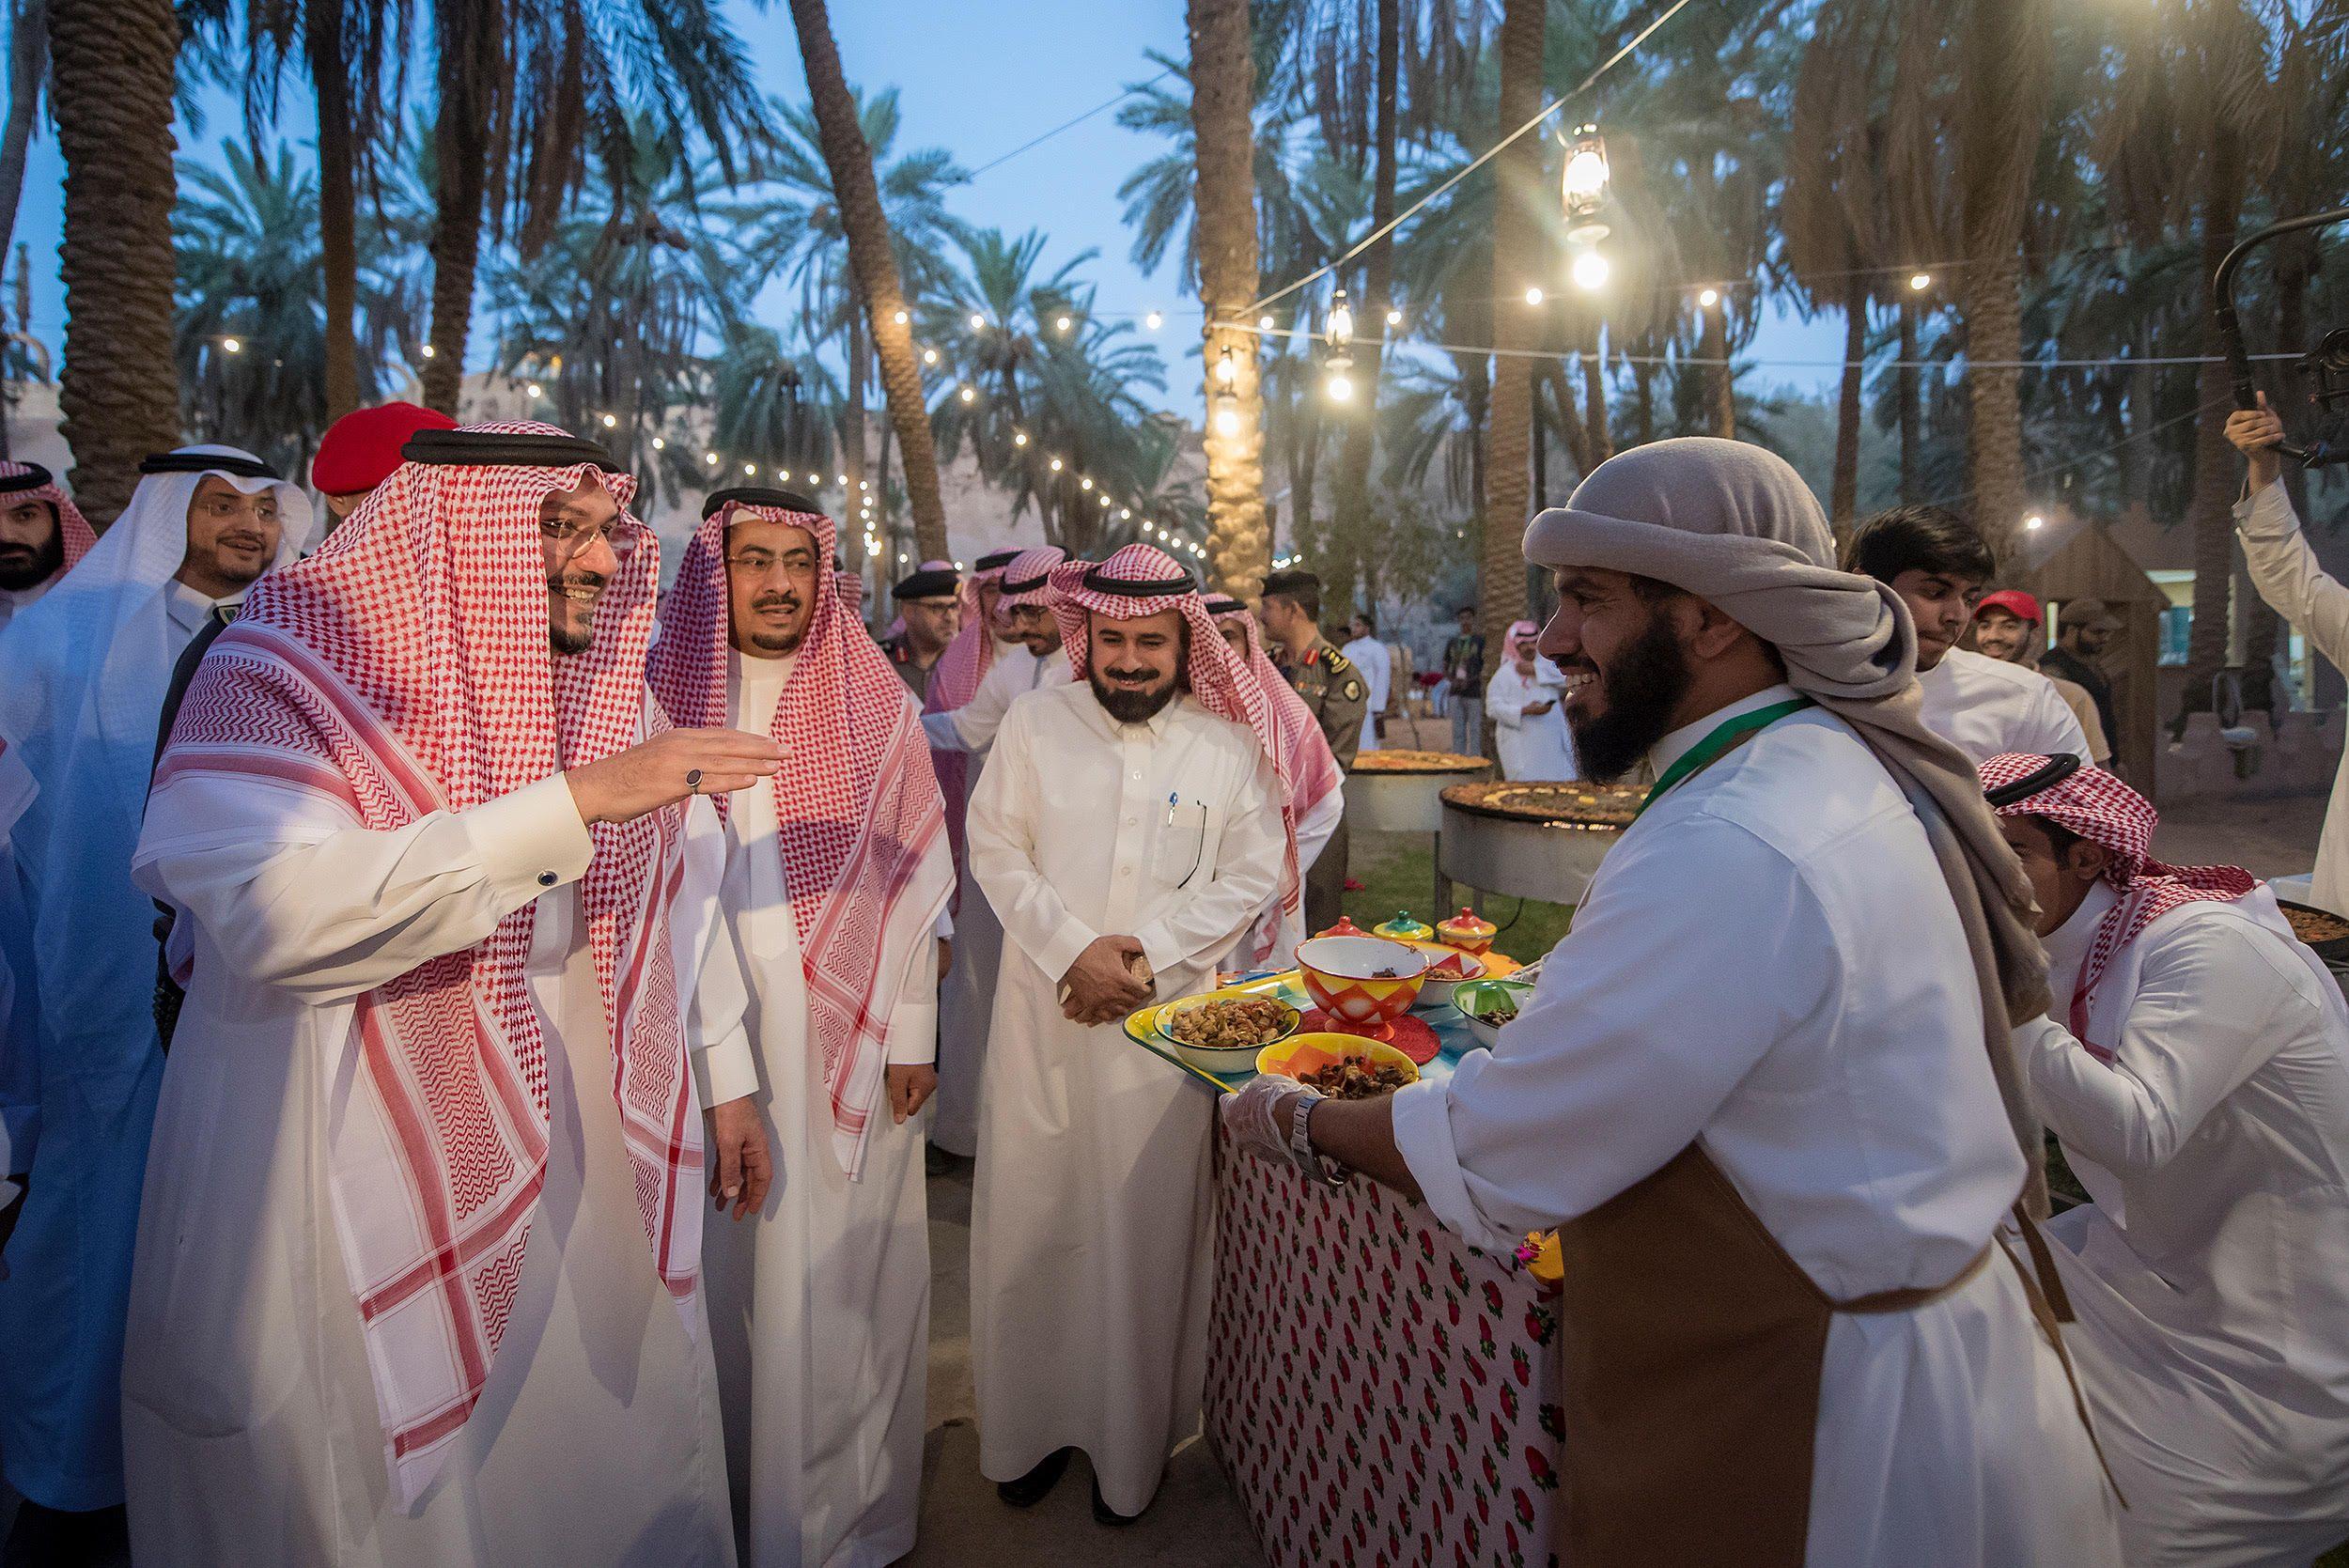 الدكتور فيصل بن مشعل يزور مهرجان تمور بريدة ويؤكد أنه سيكون بإشراف مباشر من مجلس التنمية السياحية